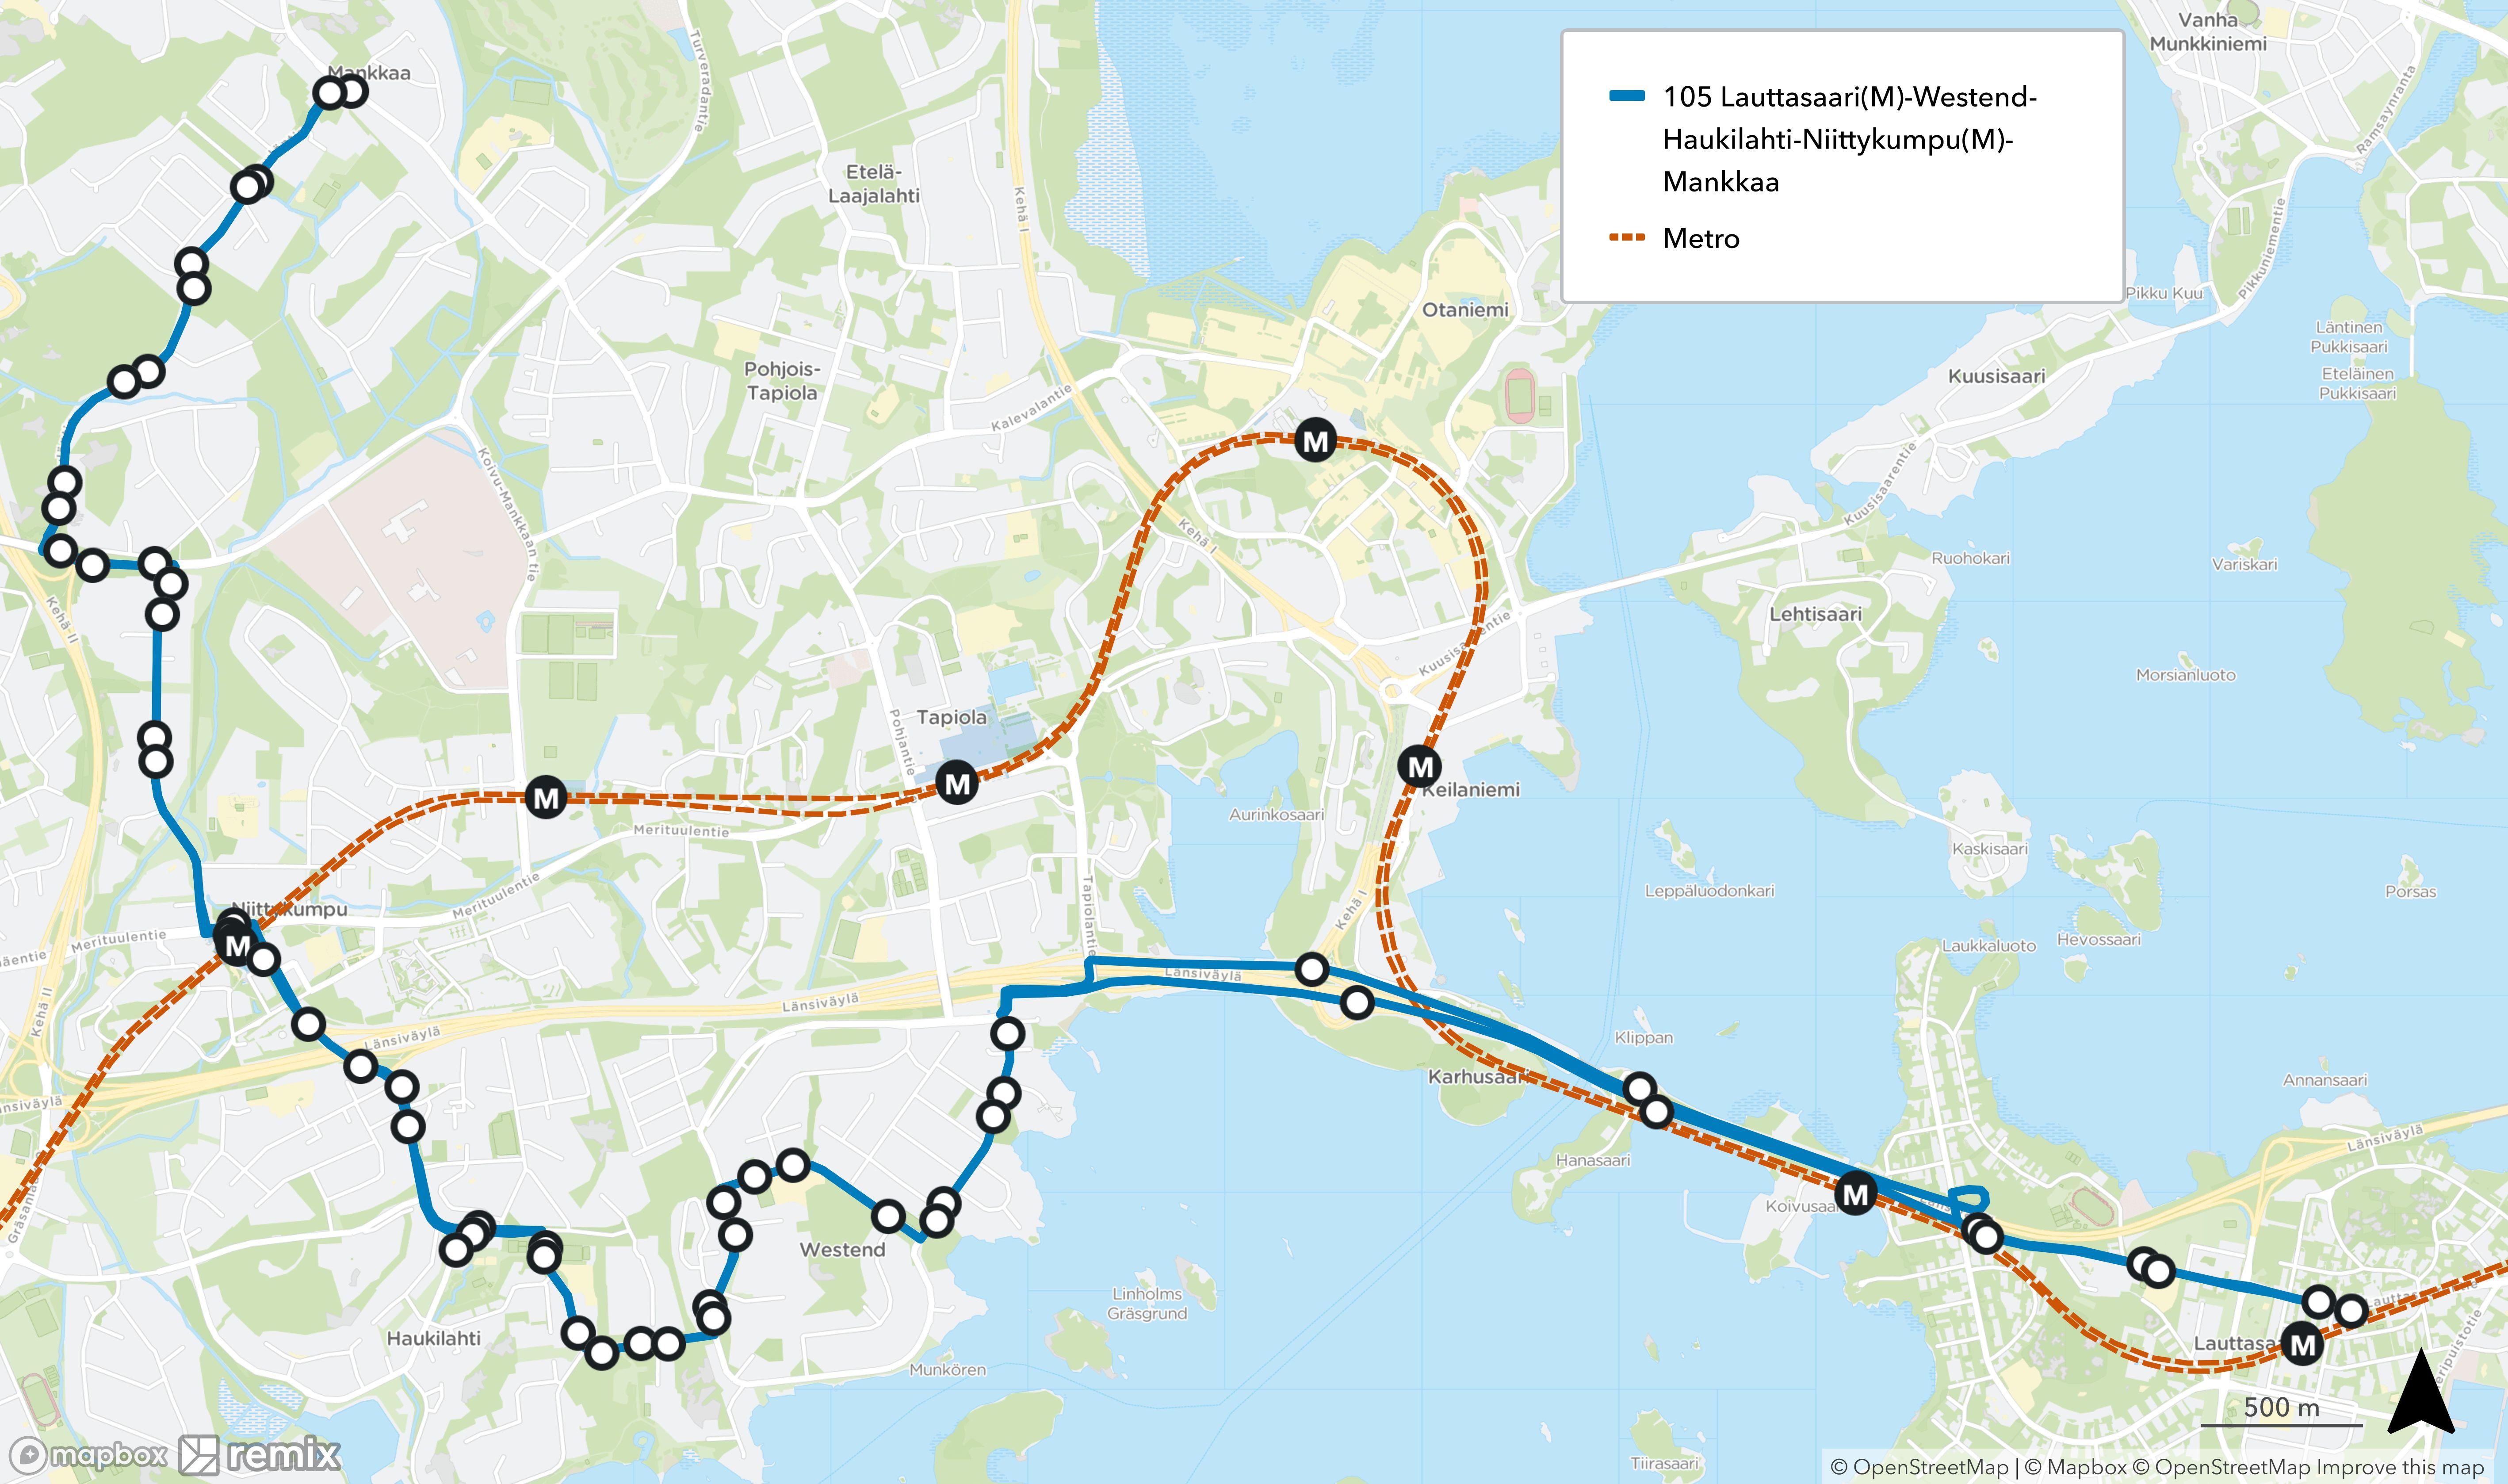 Uusi linja 105 kulkisi reittiä Lauttasaari - Westend - Haukilahti - Niittykumpu - Mankkaa reittiä Lauttasaarentie - Länsiväylä - Westendintie - Hiiralantie - Westendintie - Toppelundintie - Haukilahdenkatu - Merituulentie - Olarinluoma - Mankkaanlaaksontie - Kokinkyläntie.